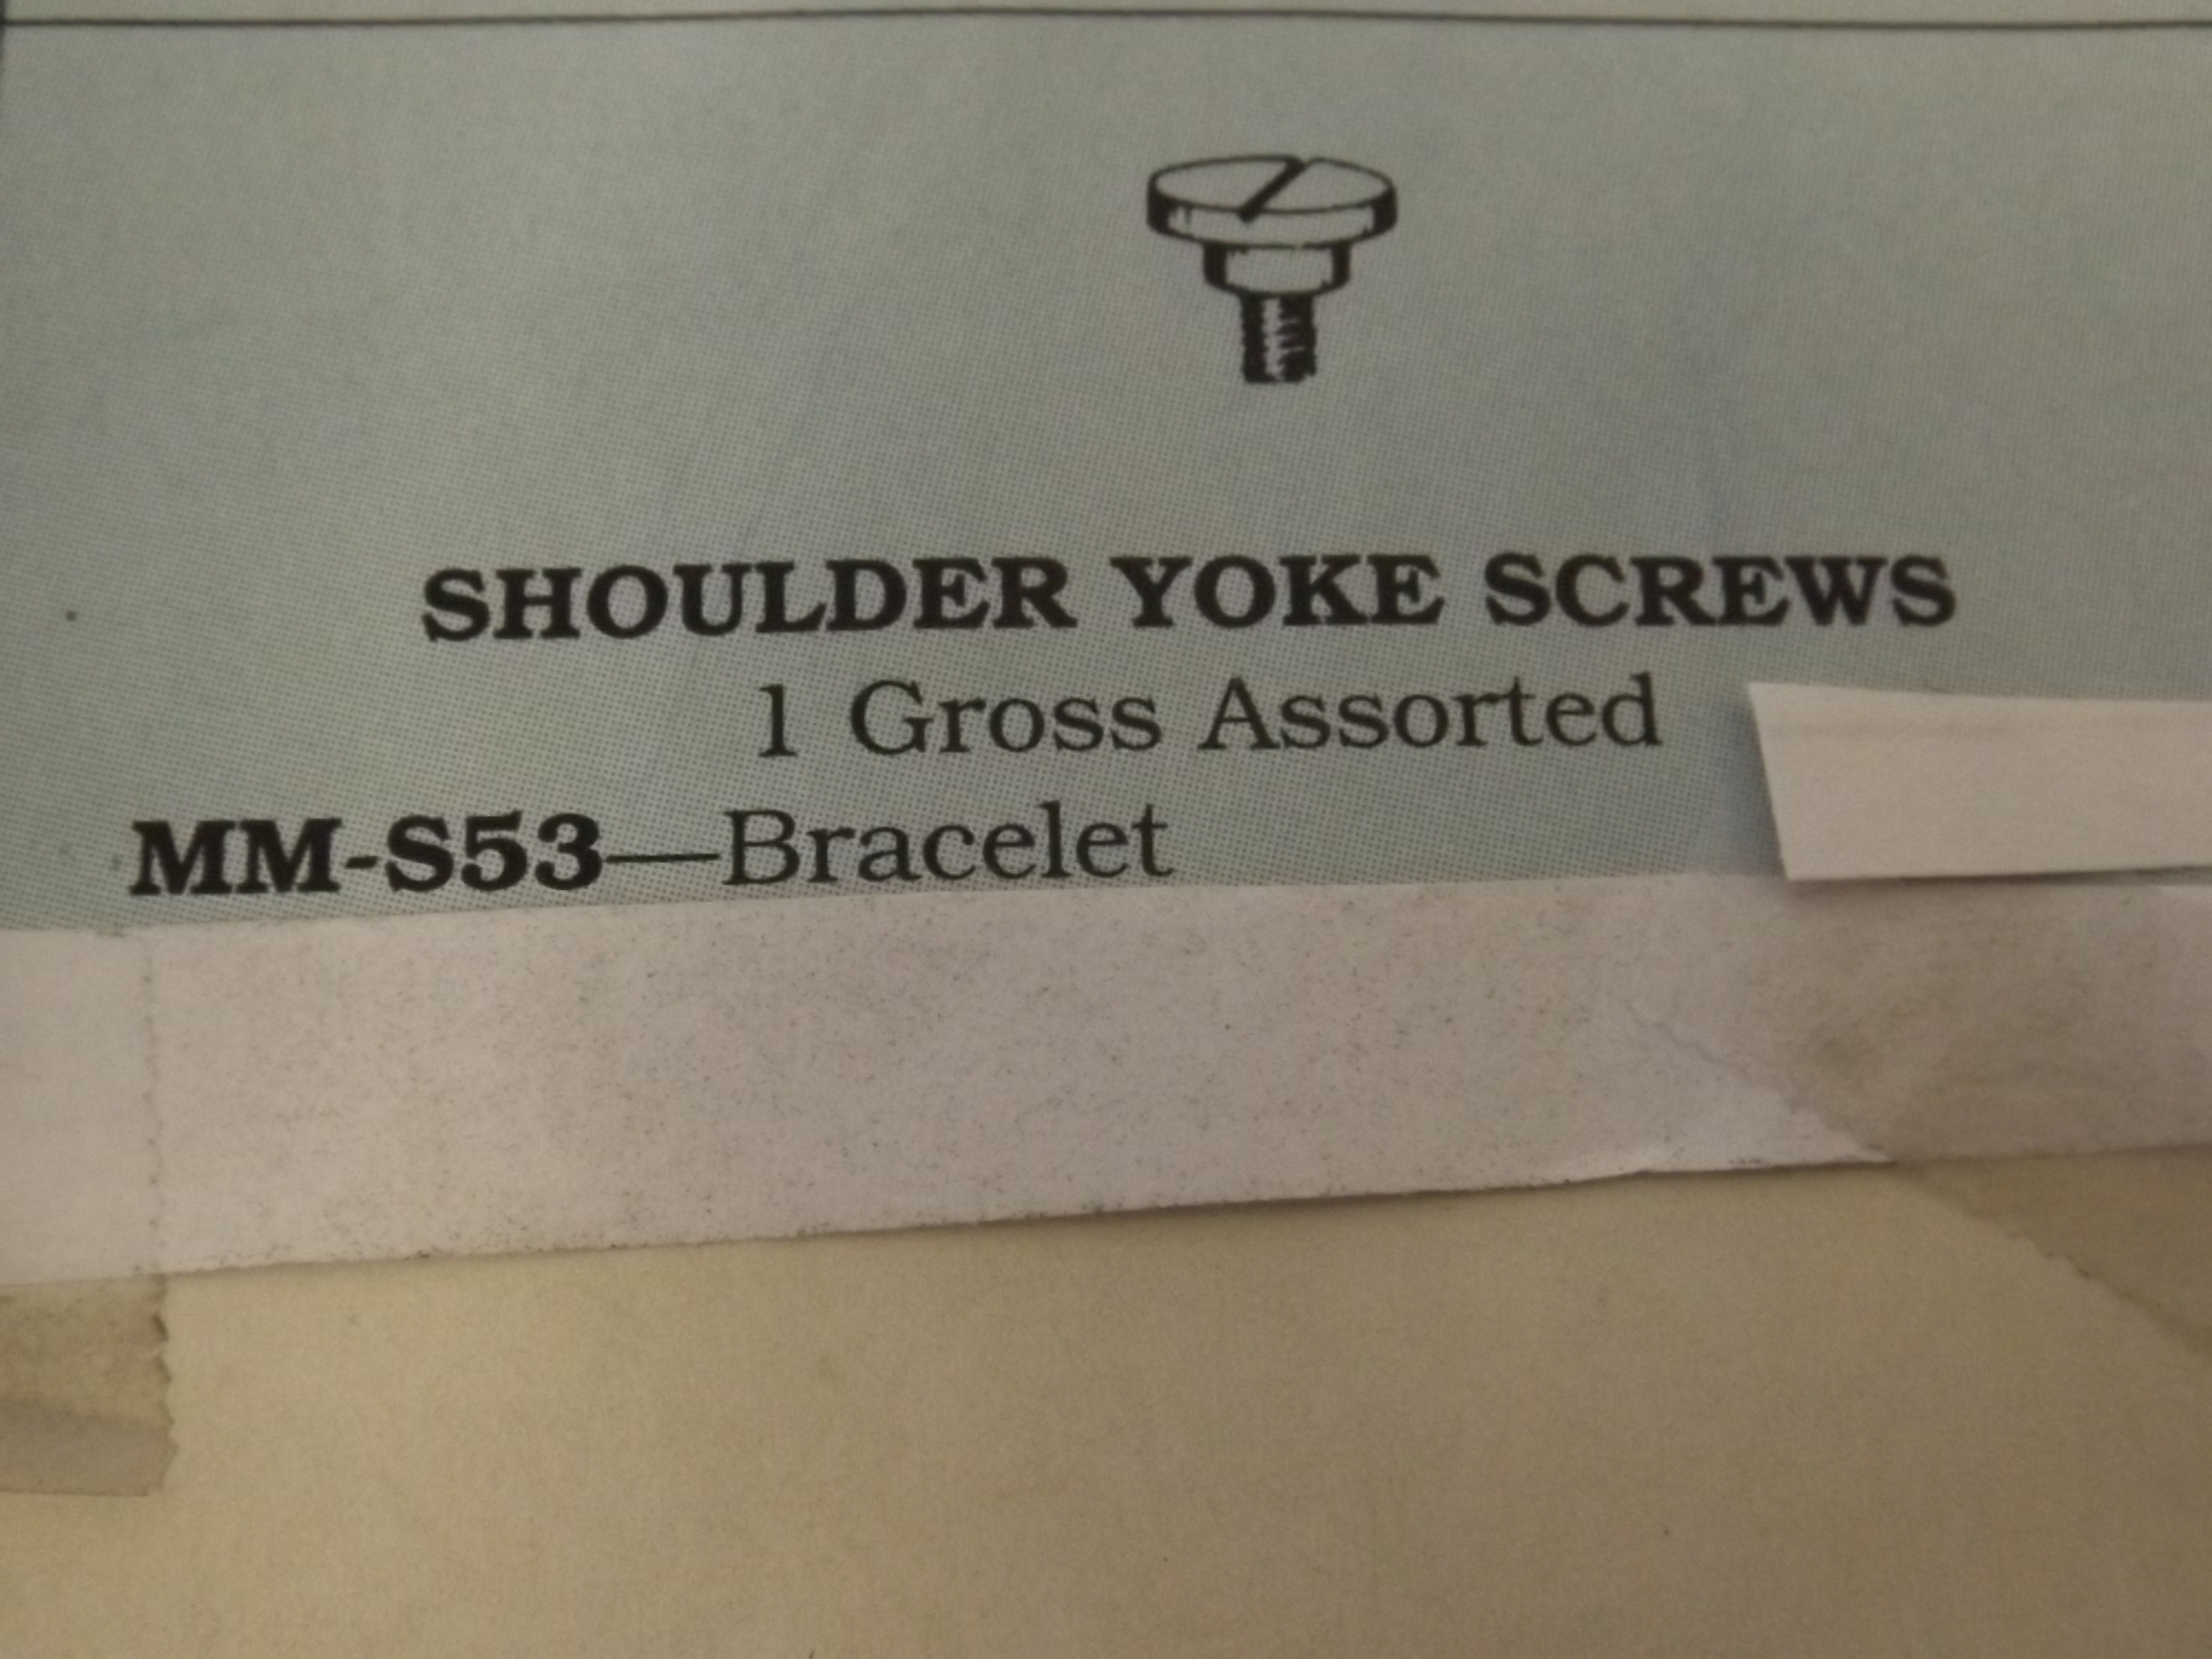 MM-S53 Shoulder Yoke Screws - Bracelet- 1 Gross- Bestfit - Two Only!